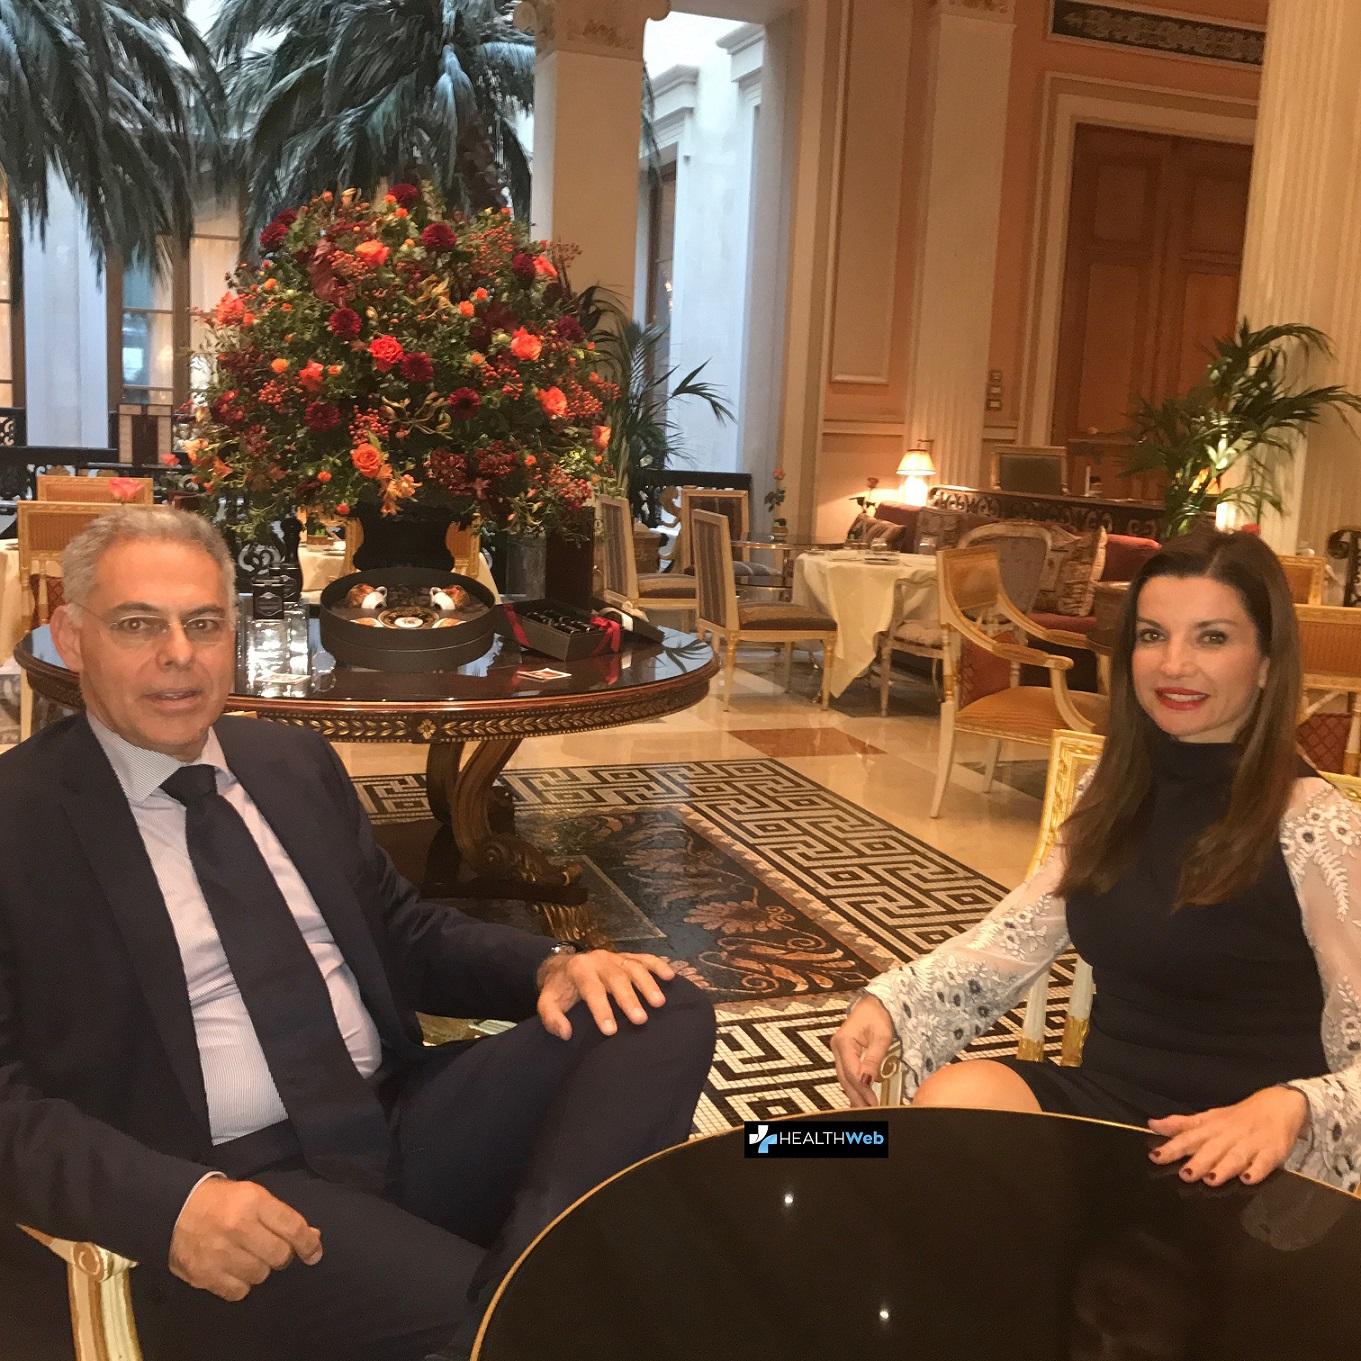 Ε. Αλεξανδράκης: Η δαπάνη για την Υγεία να αντιμετωπίζεται ως επένδυση και όχι ως κόστος